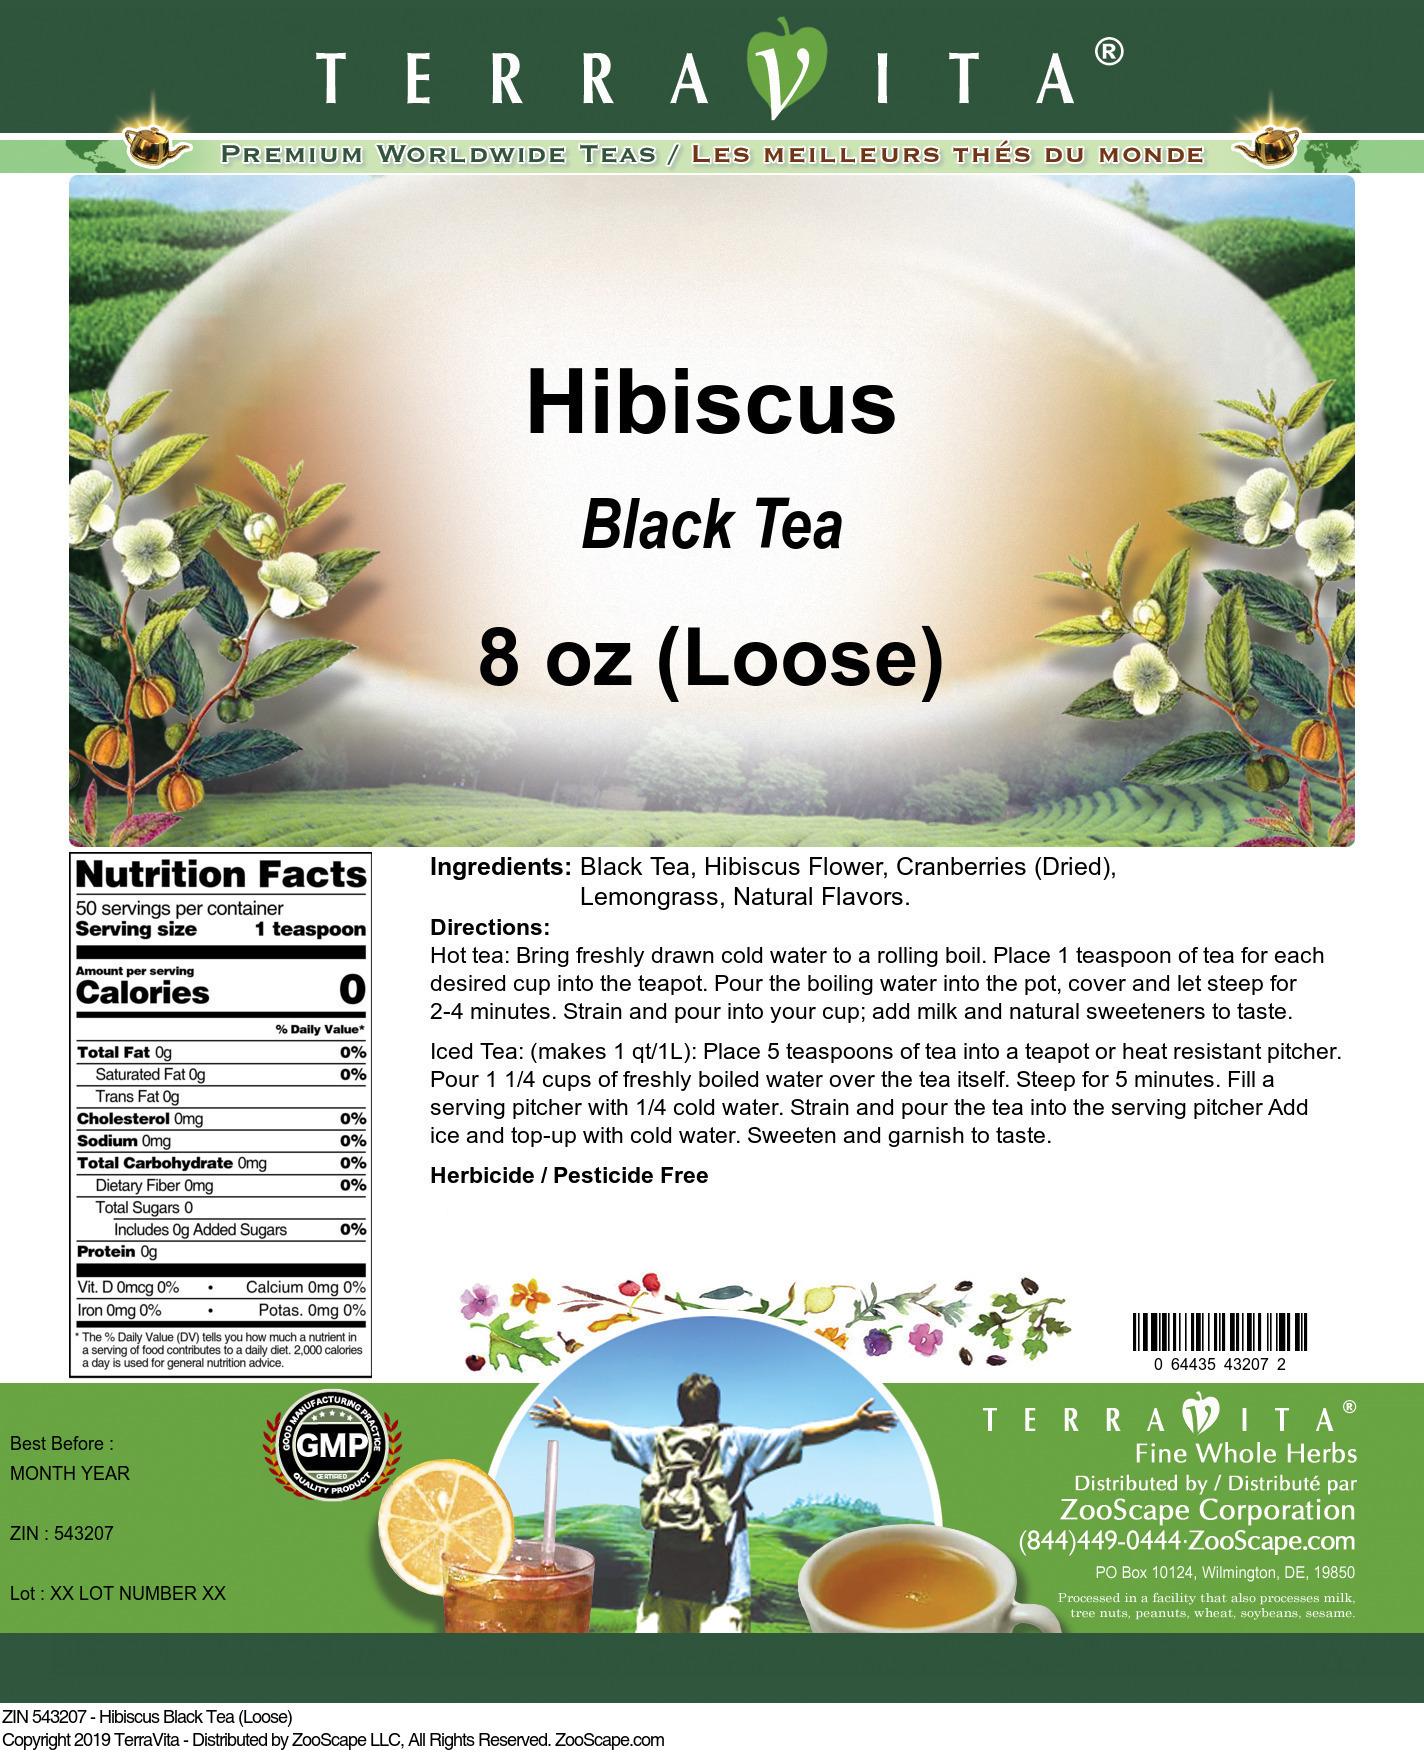 Hibiscus Black Tea (Loose)